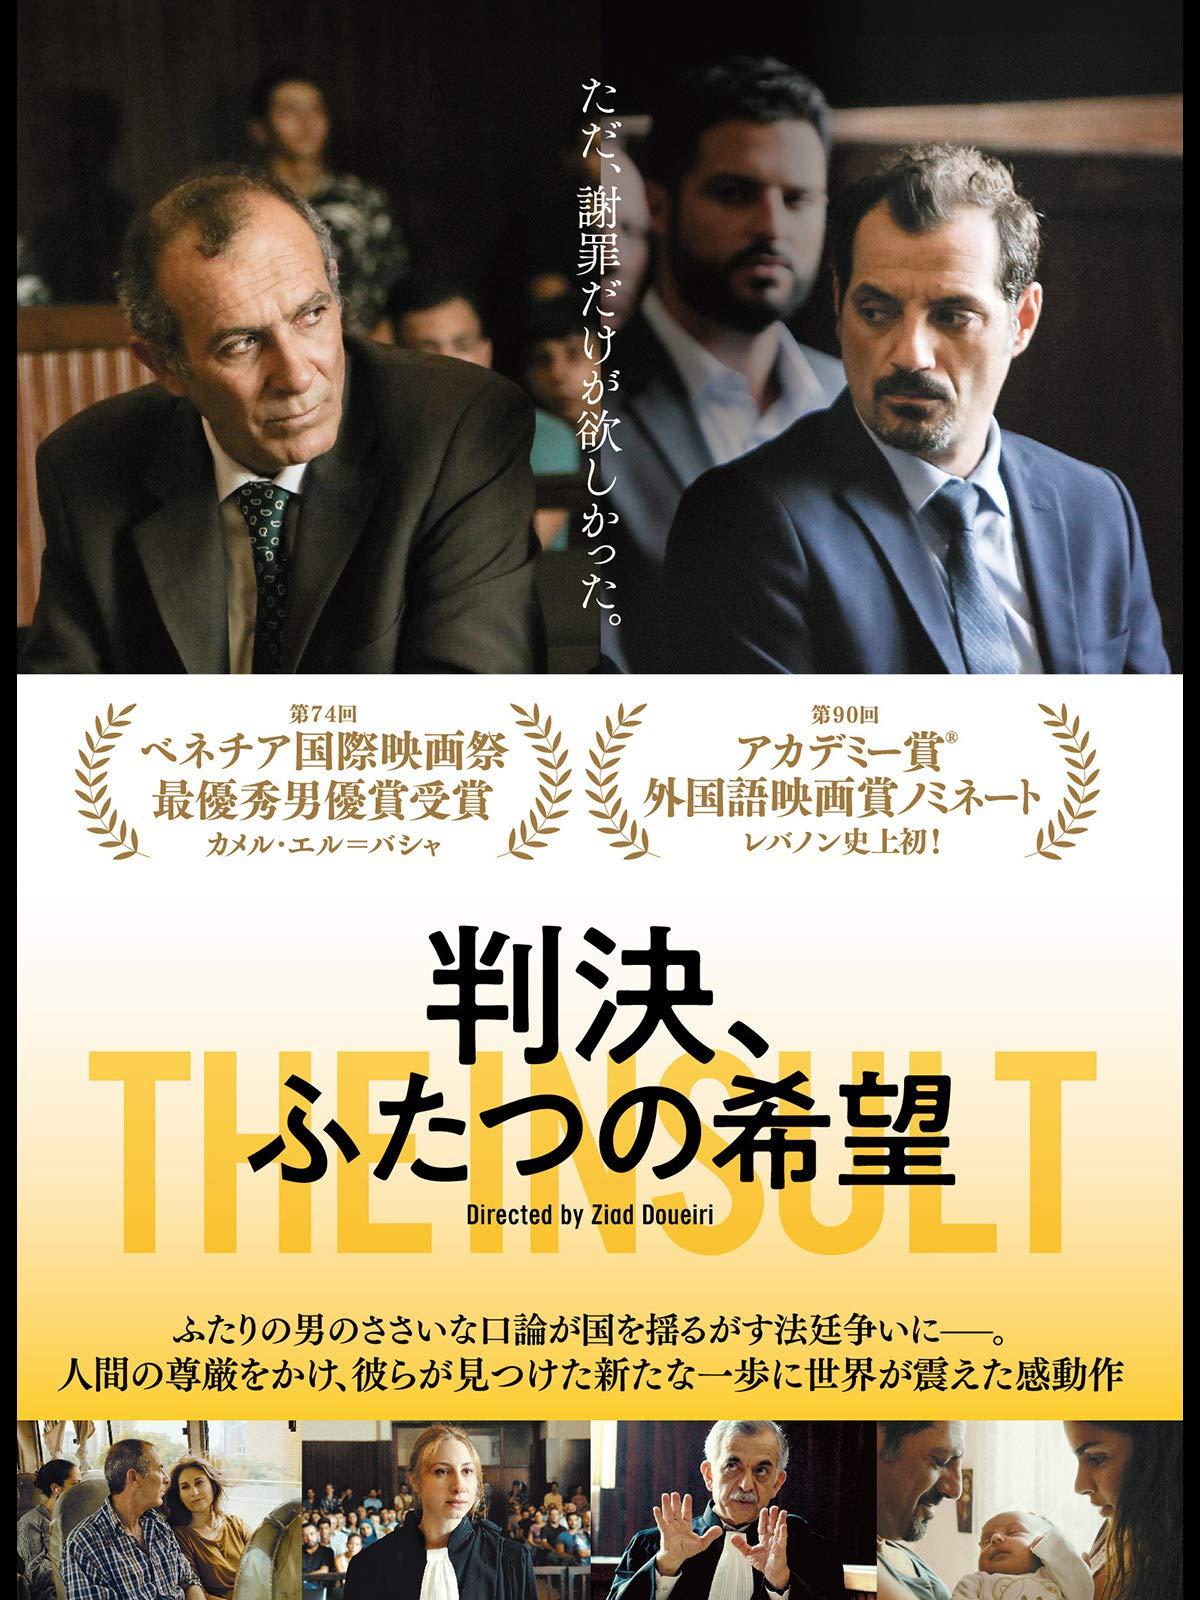 Amazon.co.jp: 判決、ふたつの希望(字幕版)を観る | Prime Video